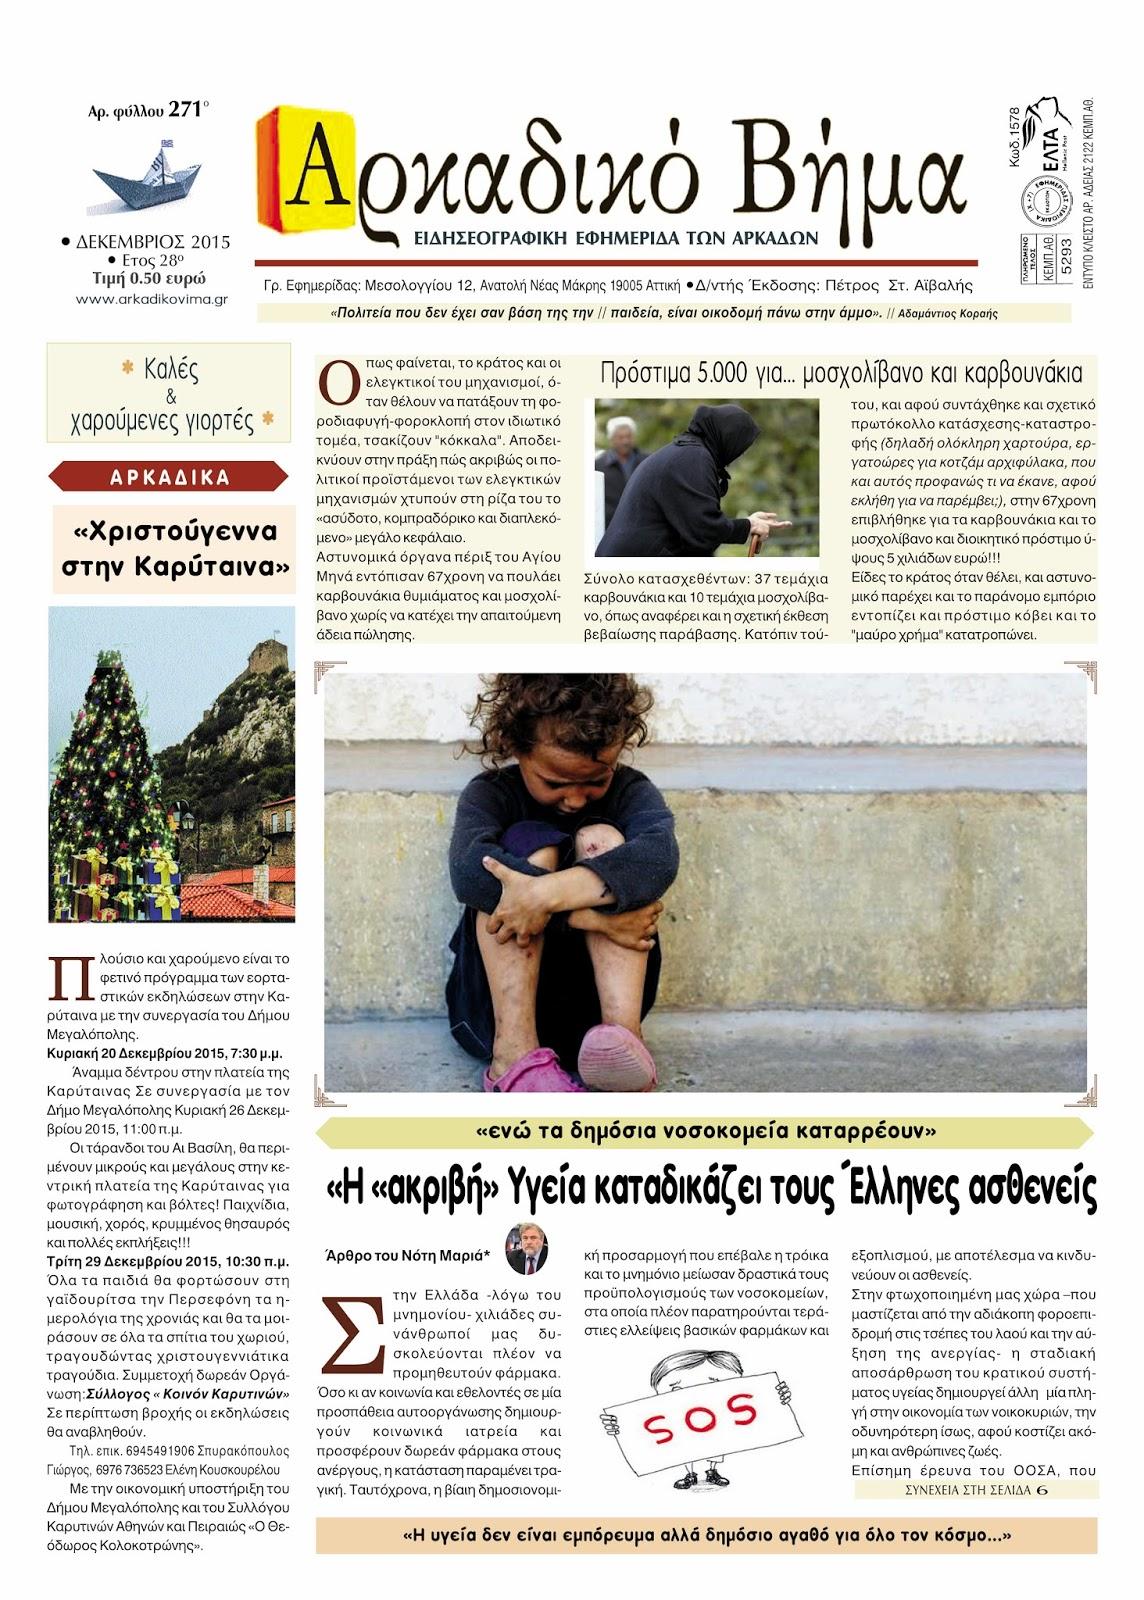 """ΑΡΚΑΔΙΚΟ ΒΗΜΑ: """"Η """"ακριβή"""" Υγεία καταδικάζει τους Έλληνες ασθενείς"""